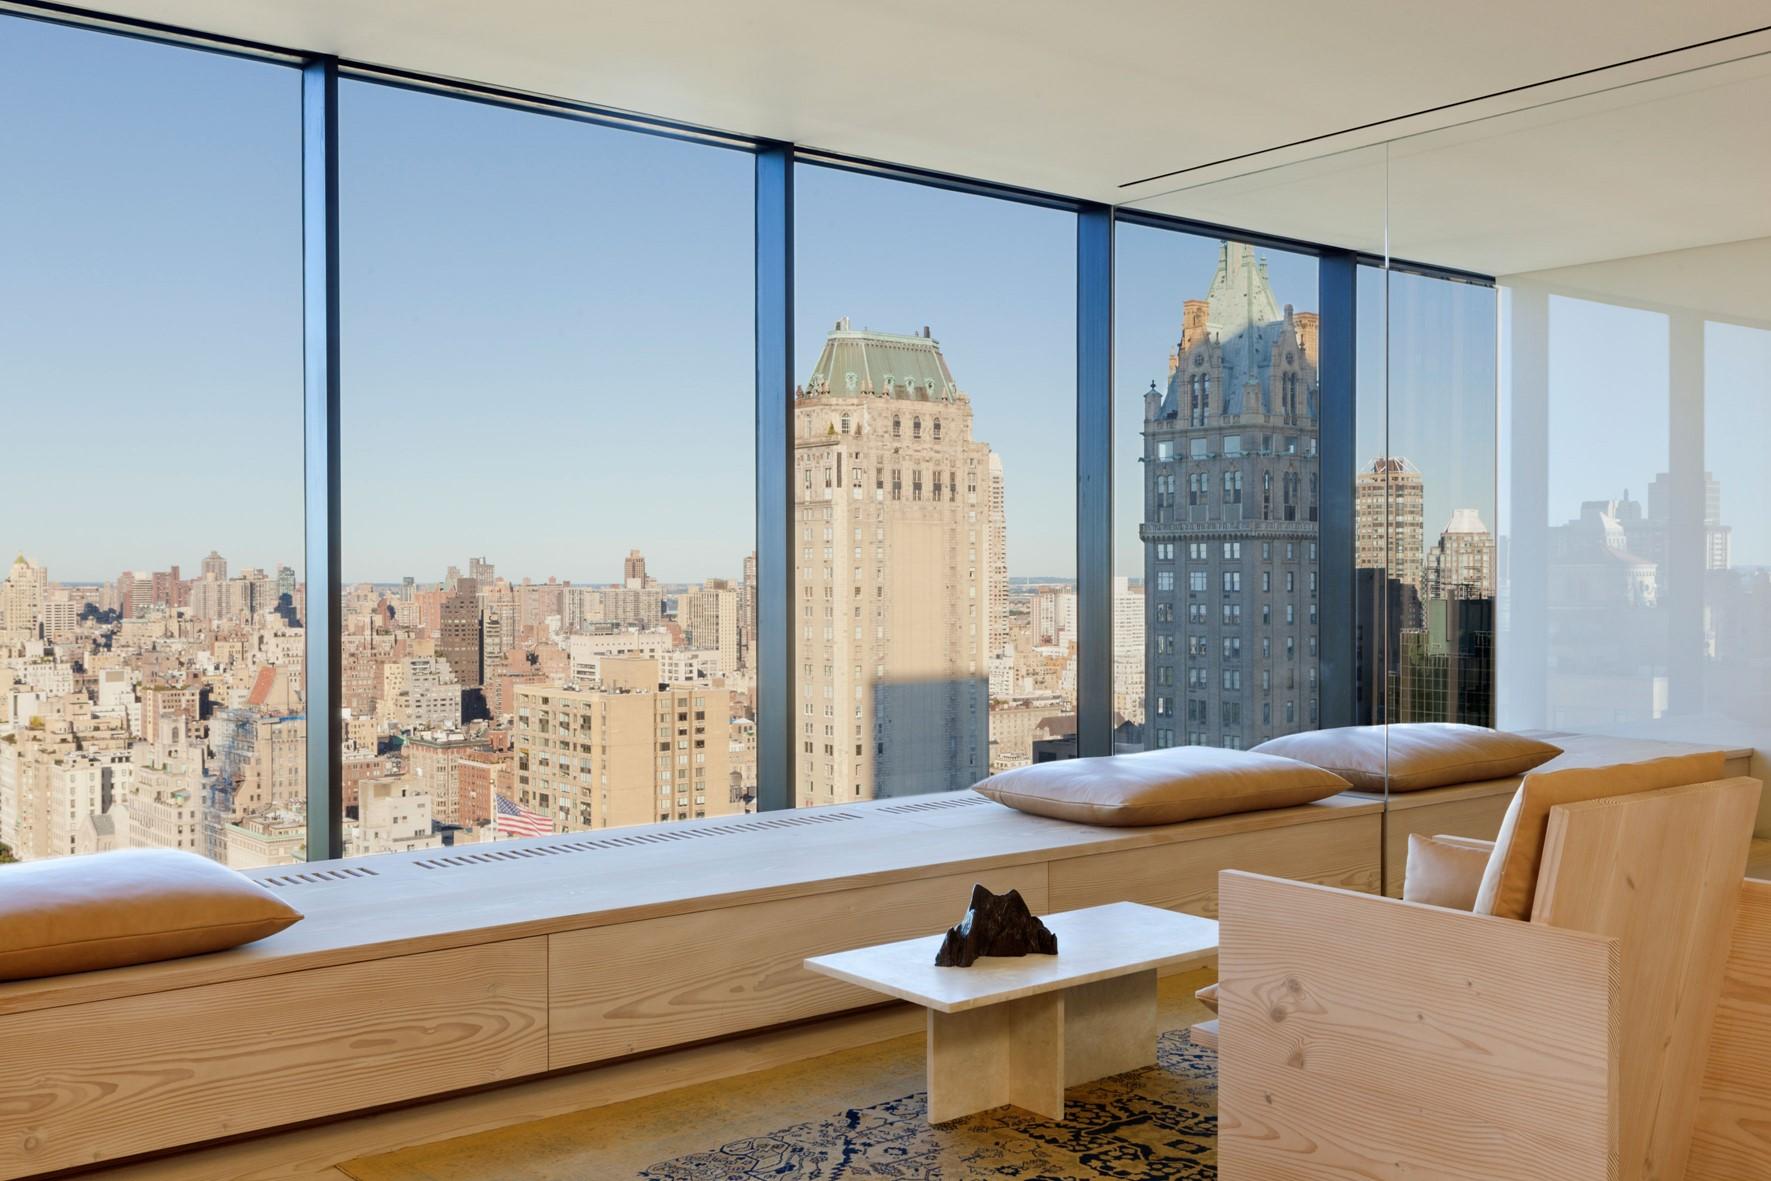 douglas-flooring_lye-and-white-soap_central-park-office_new-york-view_dinesen.jpg